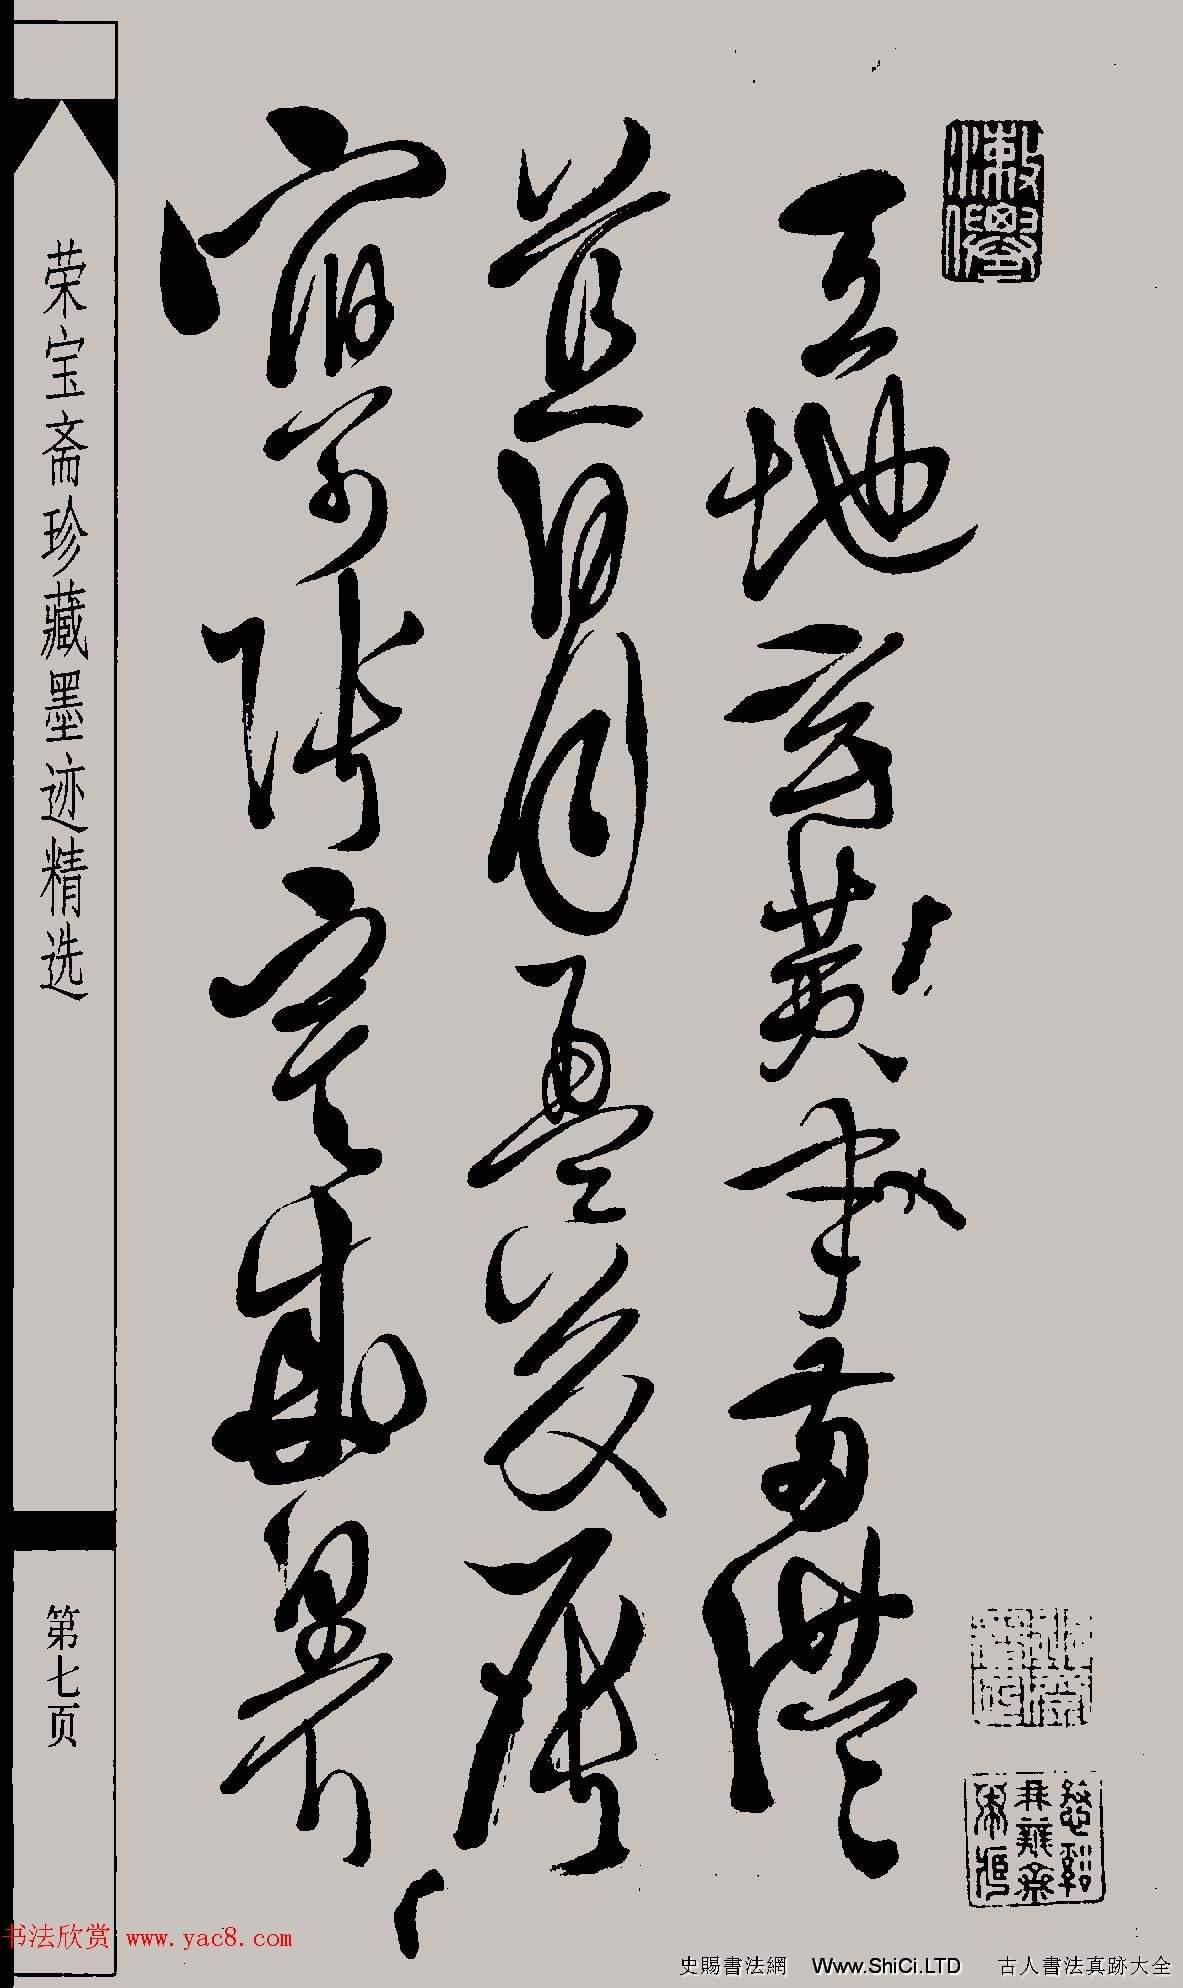 明代徐渭草書千字文高清晰書法圖片(共44張圖片)